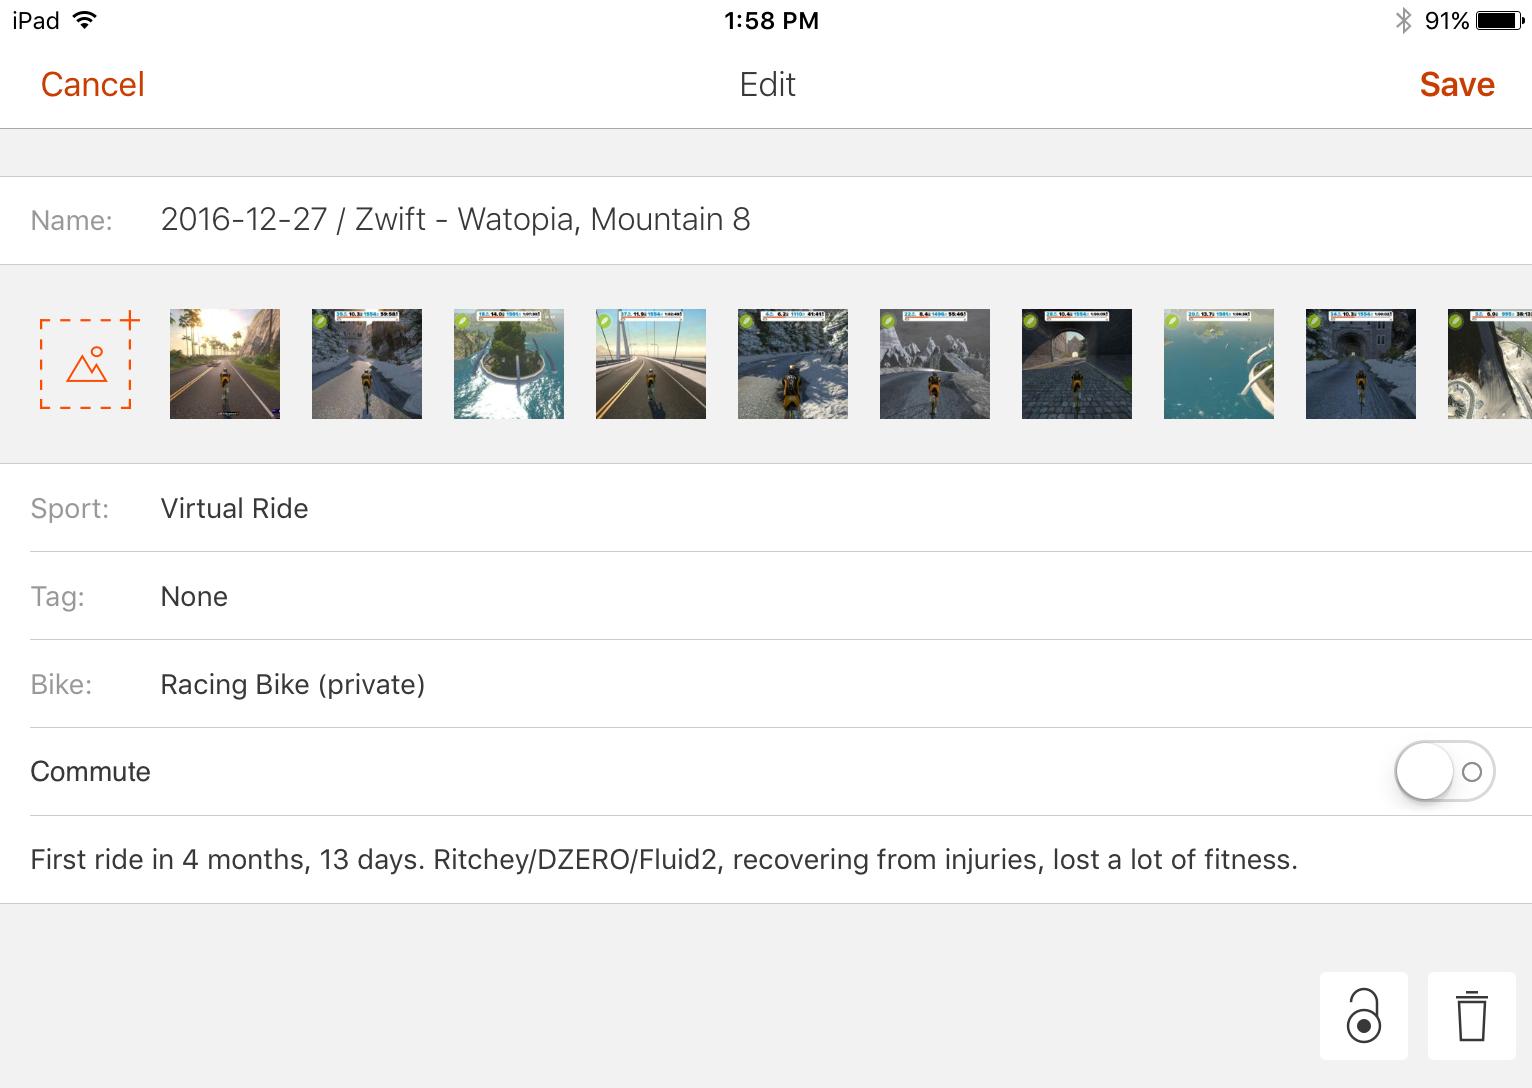 Editing a Strava activity on an iPad